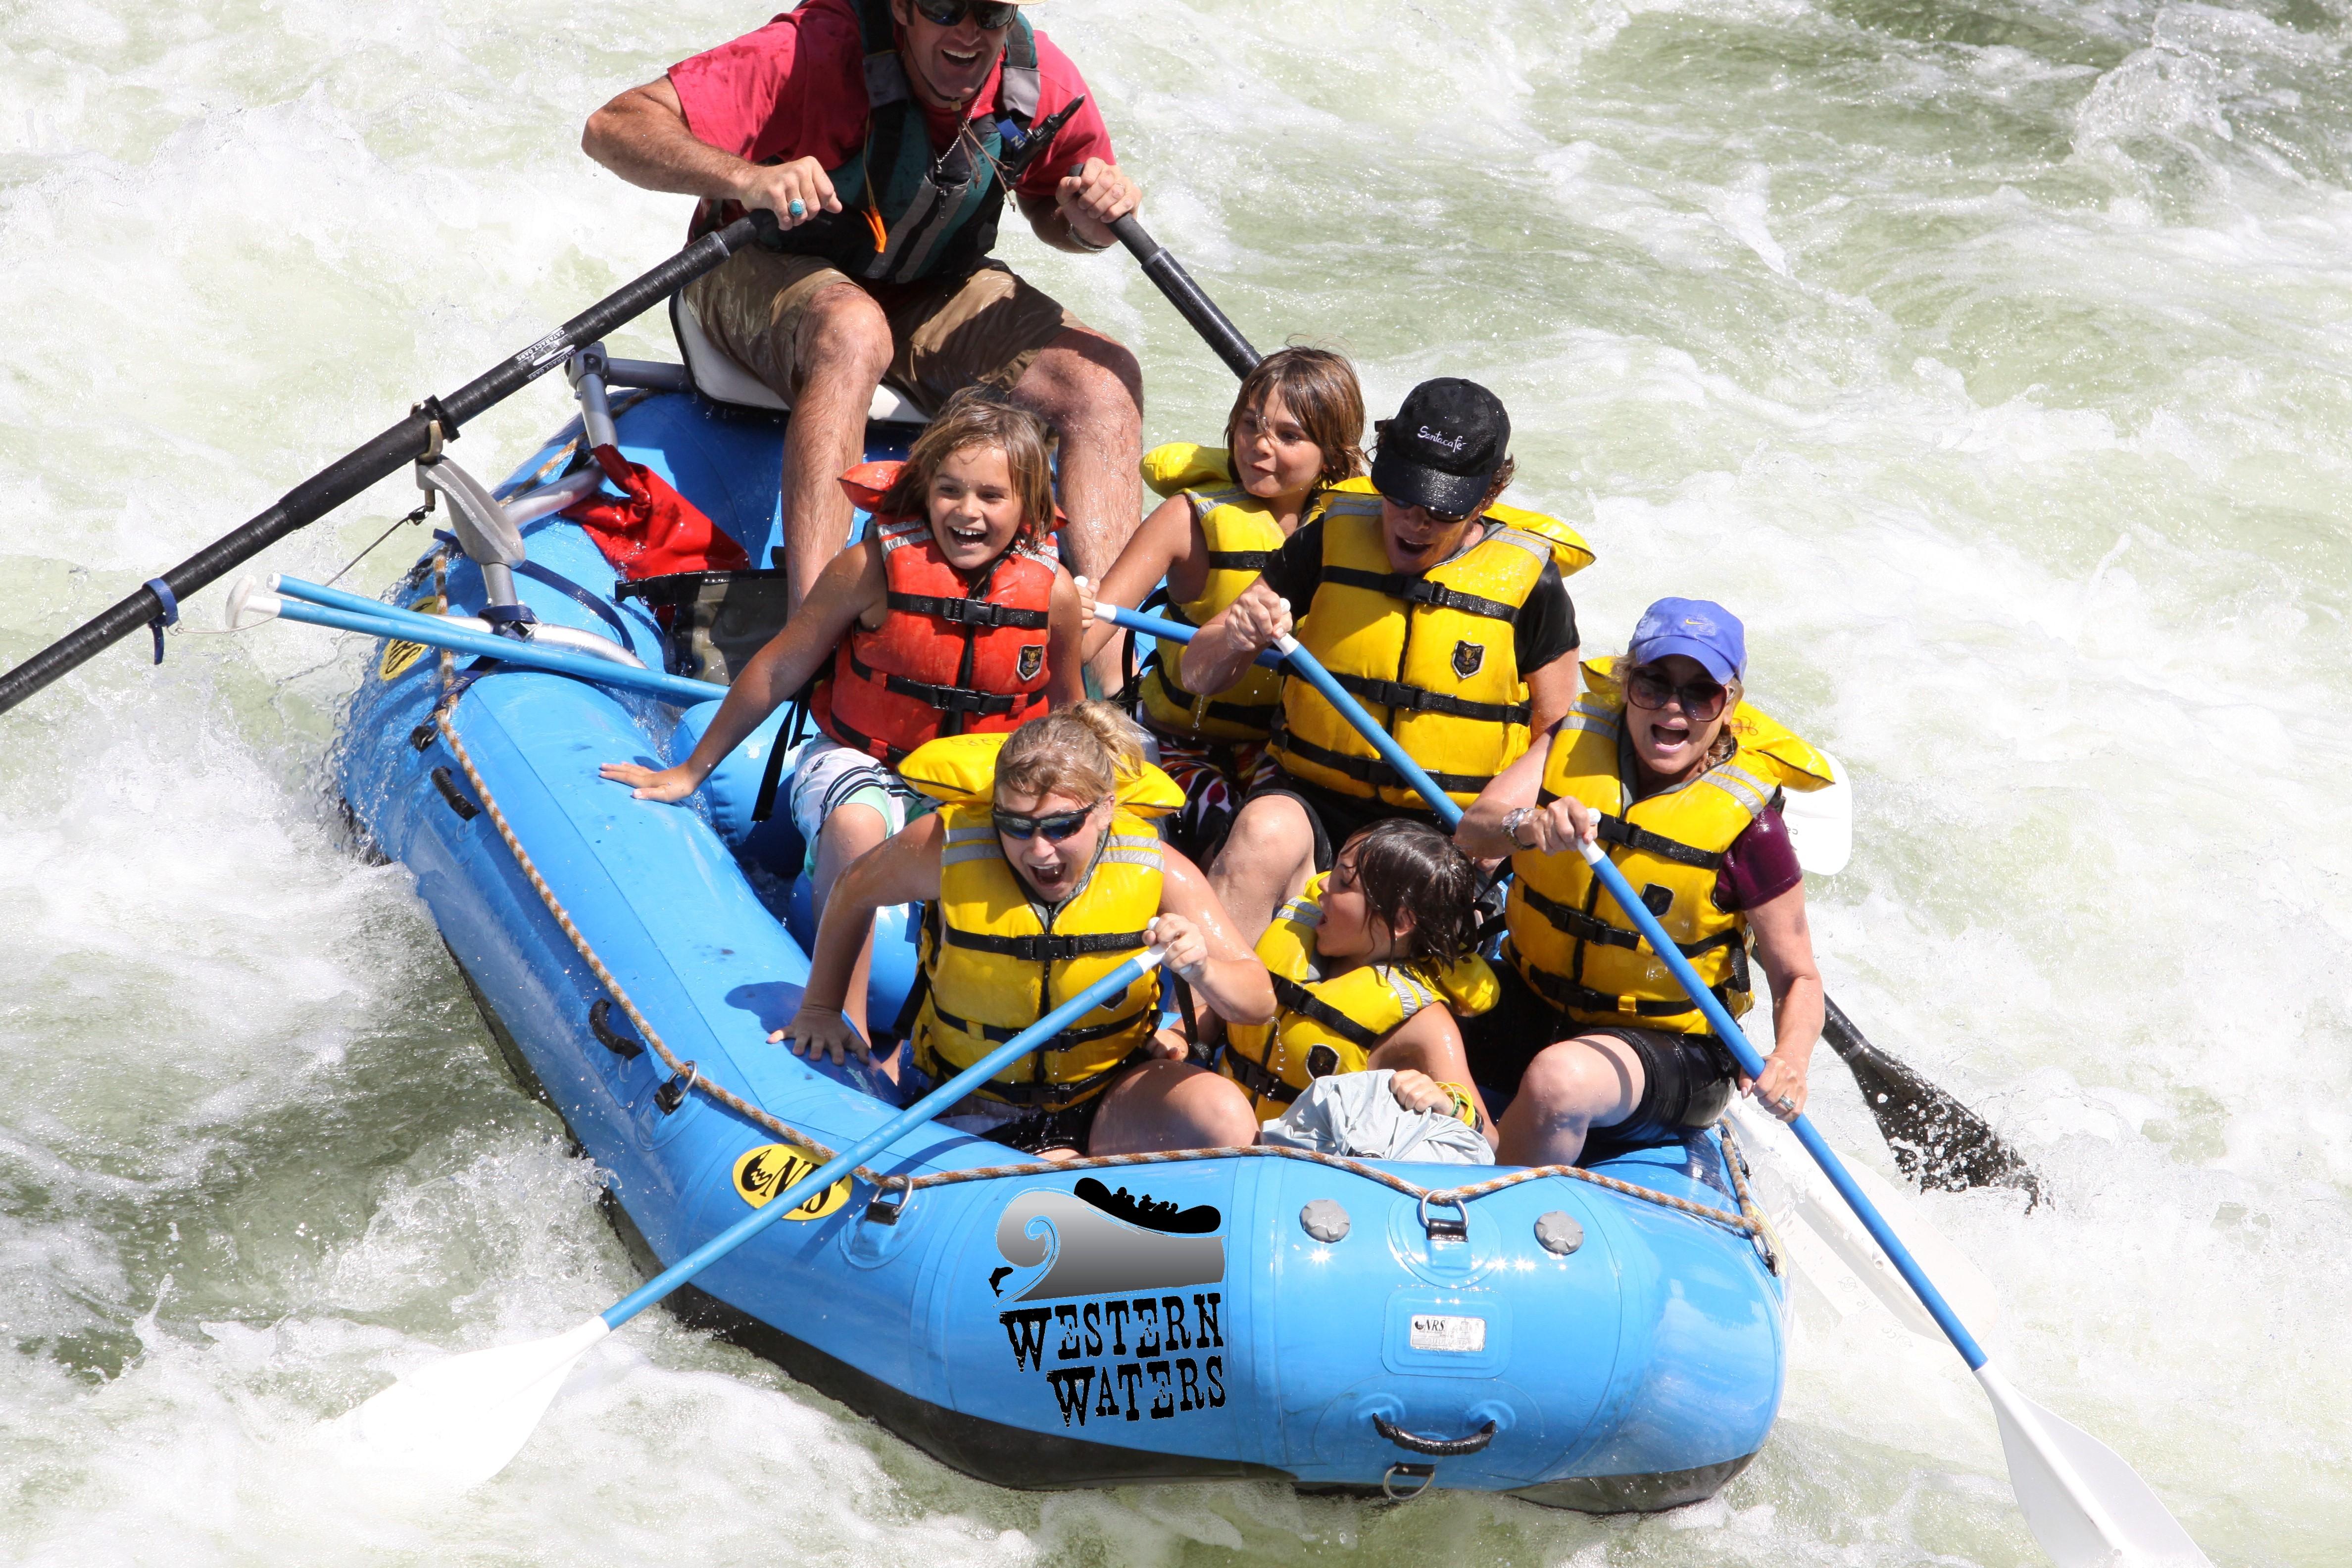 White Water Rafting CDA - Coeur d'Alene Adventures Rafting Trips